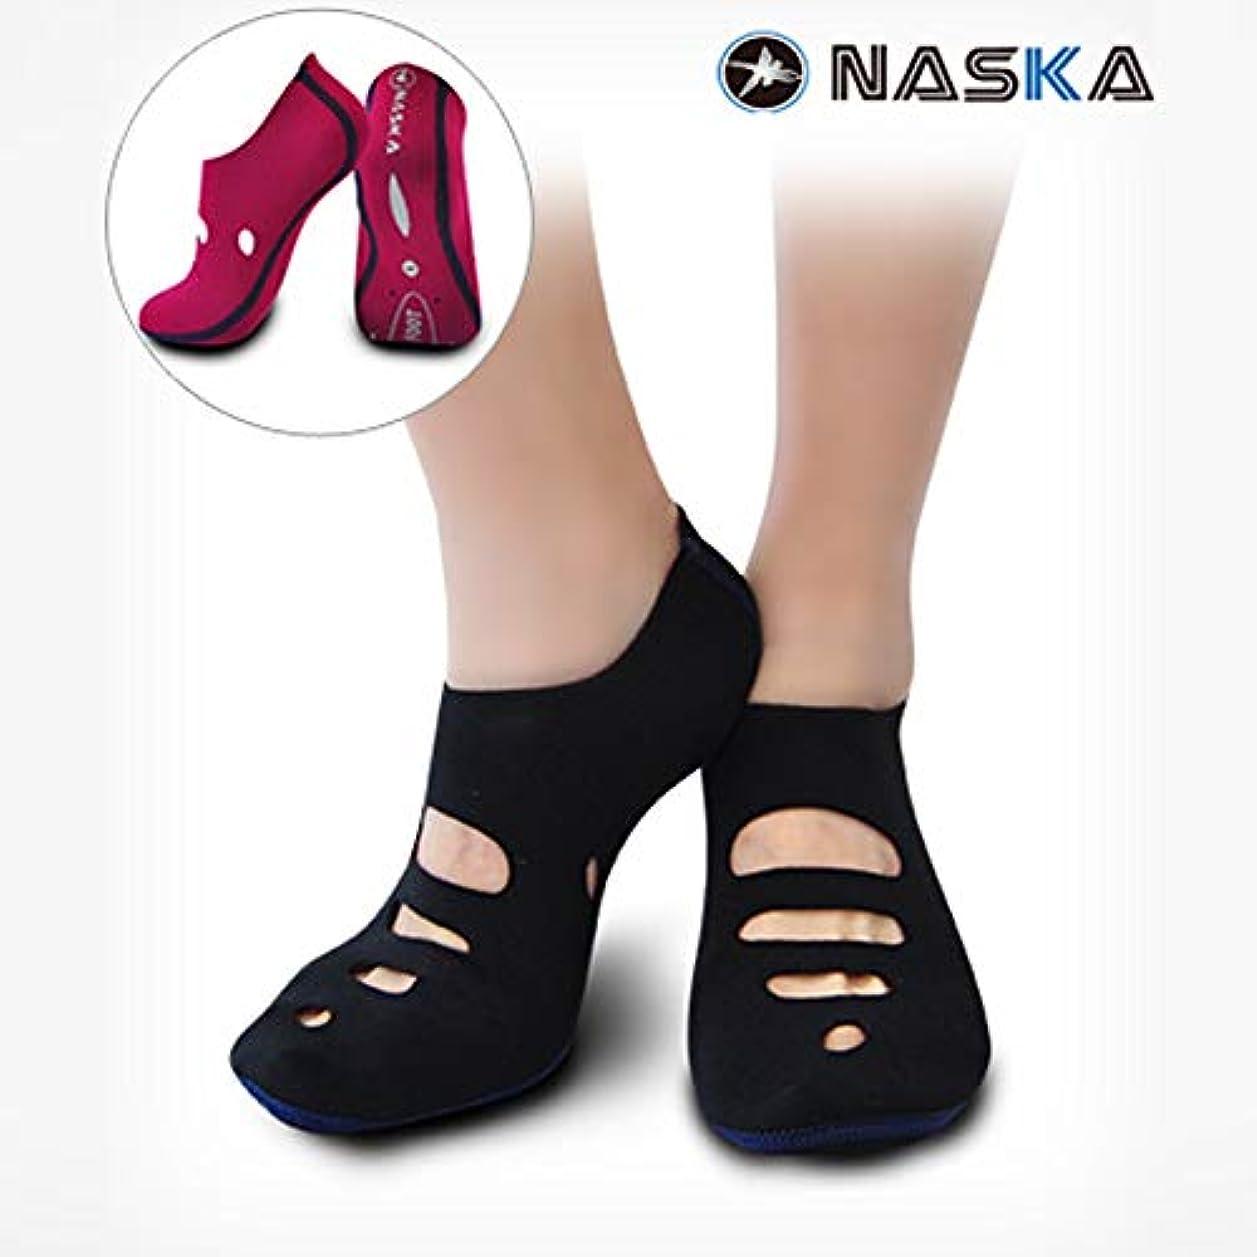 小間古くなった瀬戸際NaskaFoot かかとケア かかとサポーター 両足用 角質ケア かかと靴下 角質ケア、保温、保湿を一つにした多機能ソックス 潜水服素材のネオプレン使用 弾力性と柔軟性に富んだ靴下 両面使用